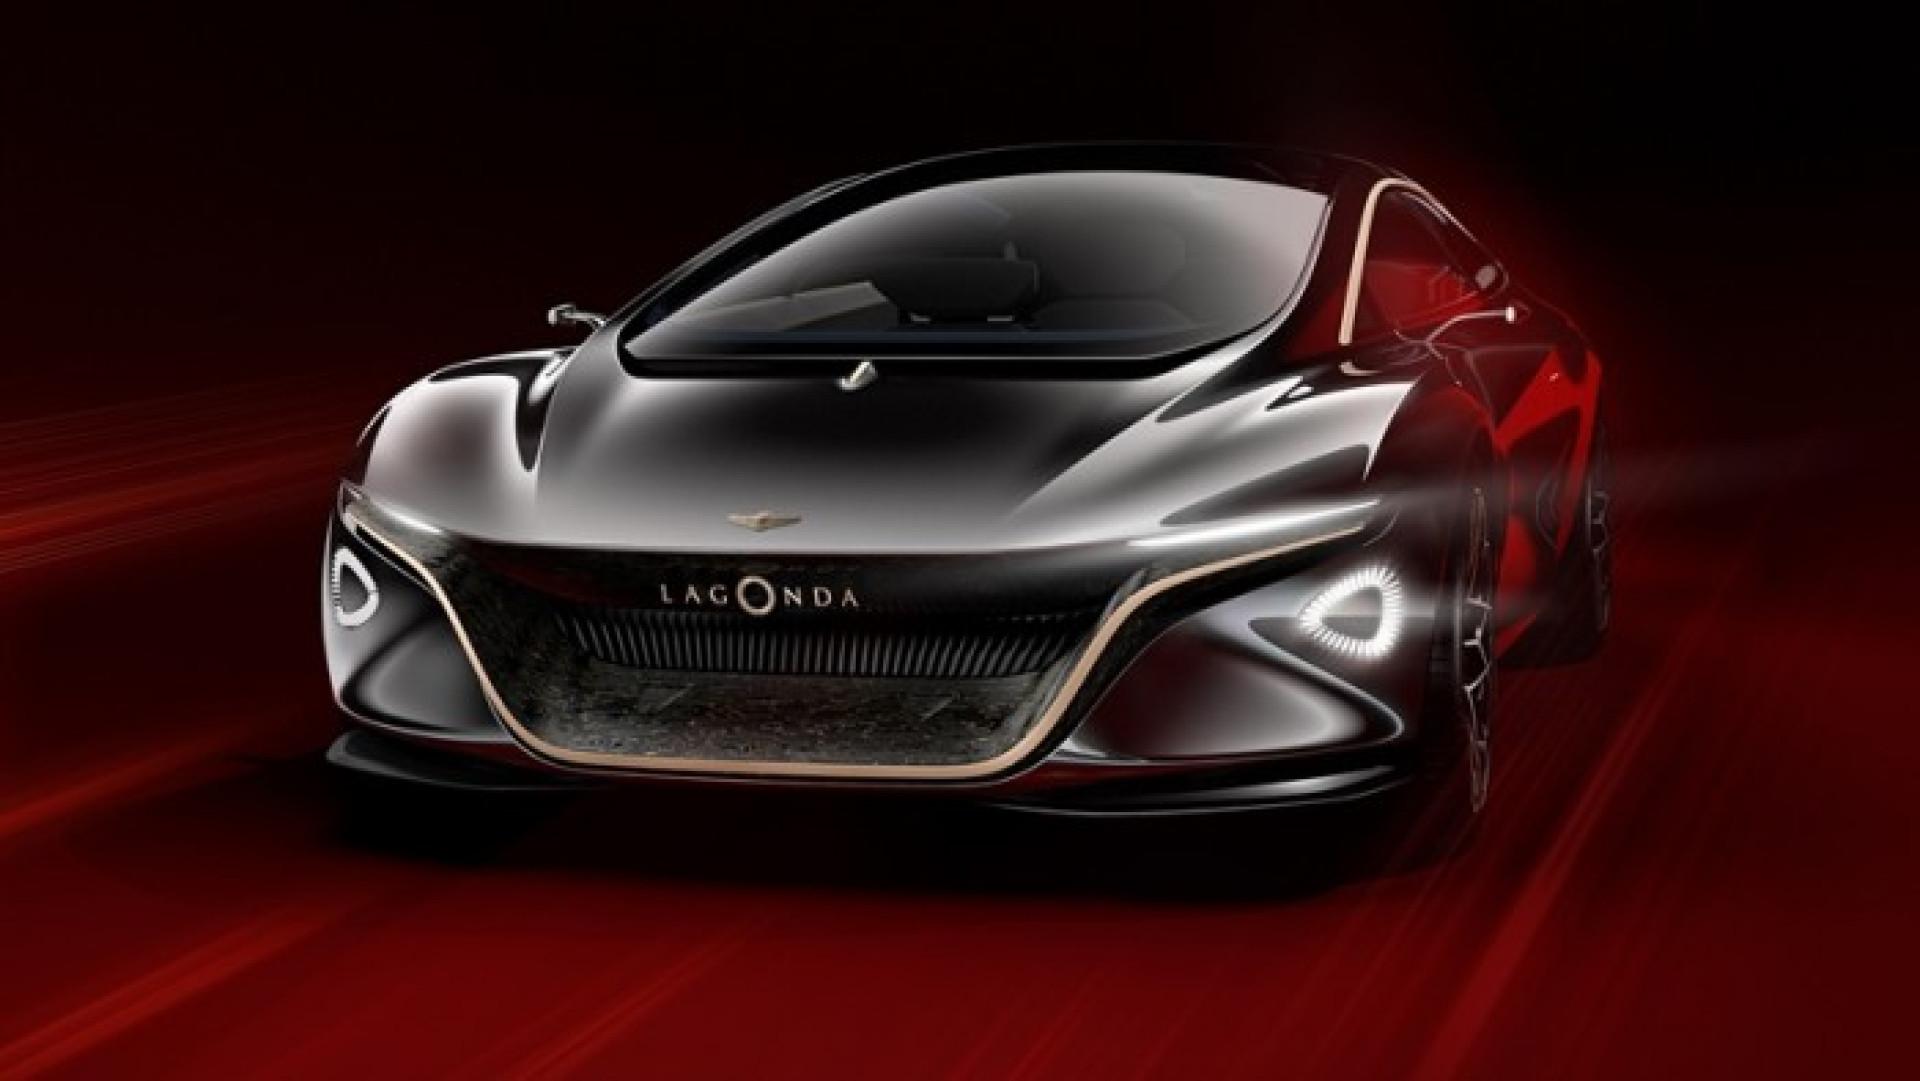 Lagonda será o novo modelo luxuoso da Aston Martin